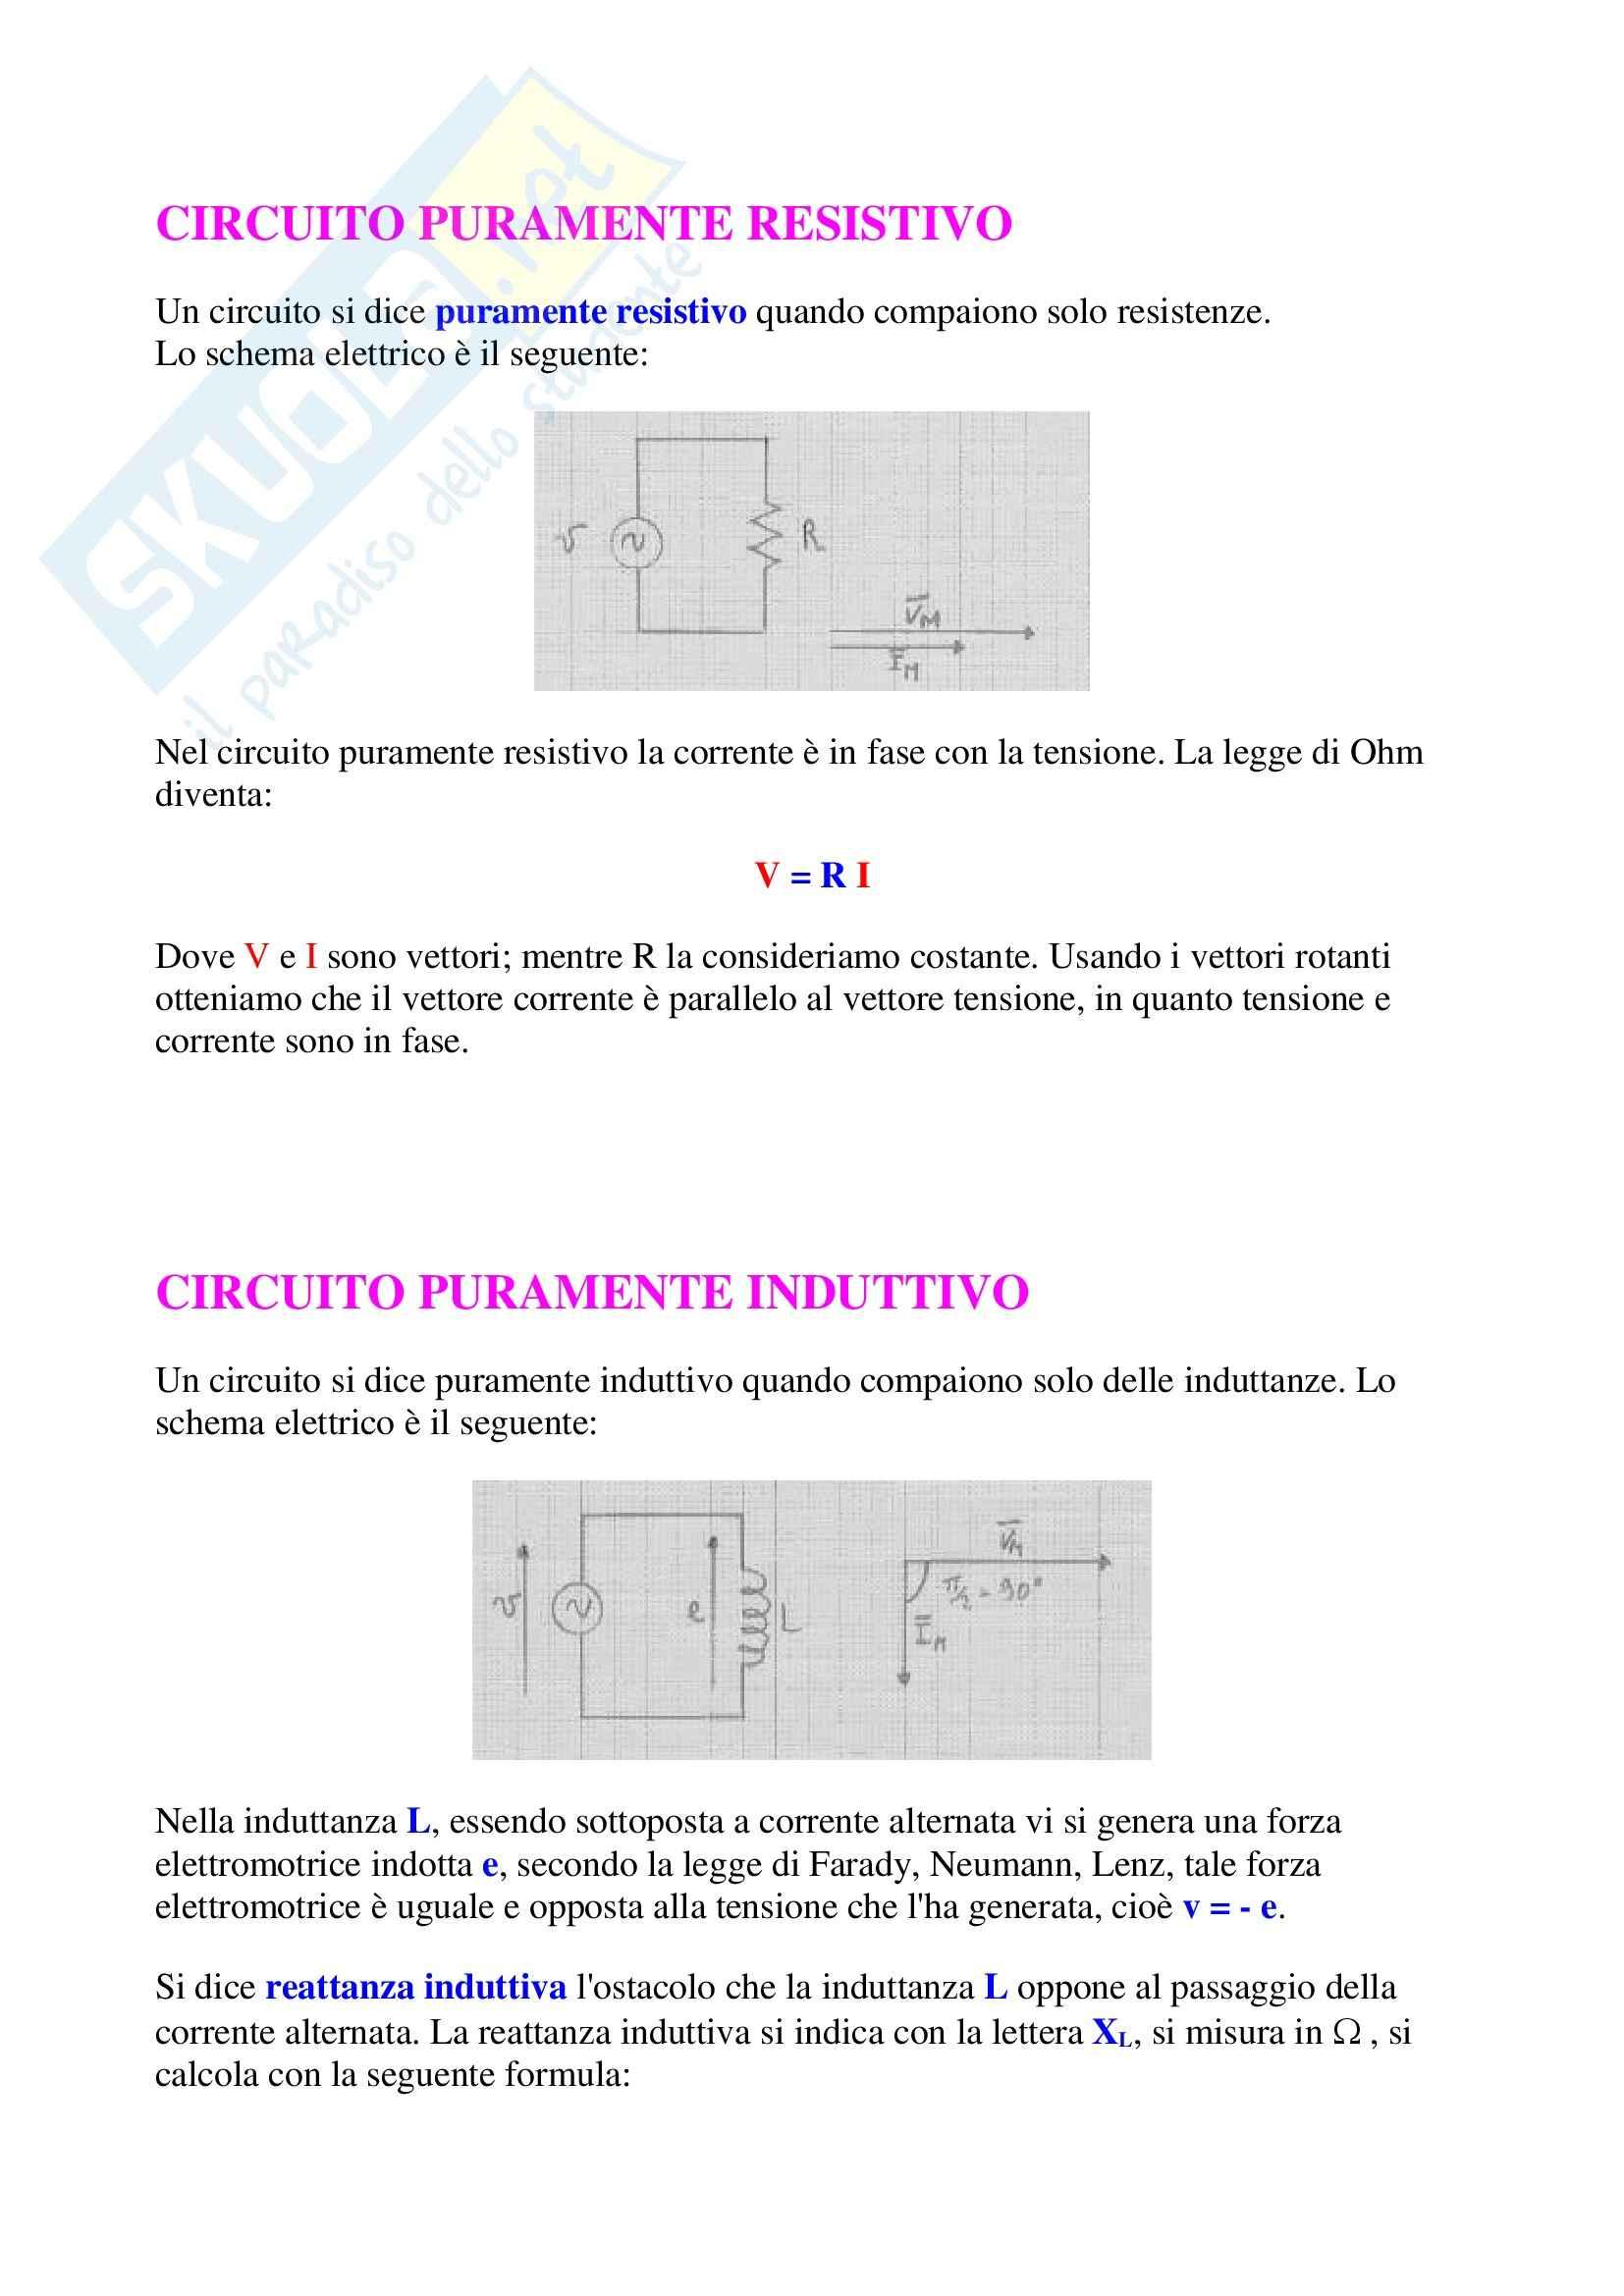 Elettrotecnica - circuito puramente resistivo - Appunti